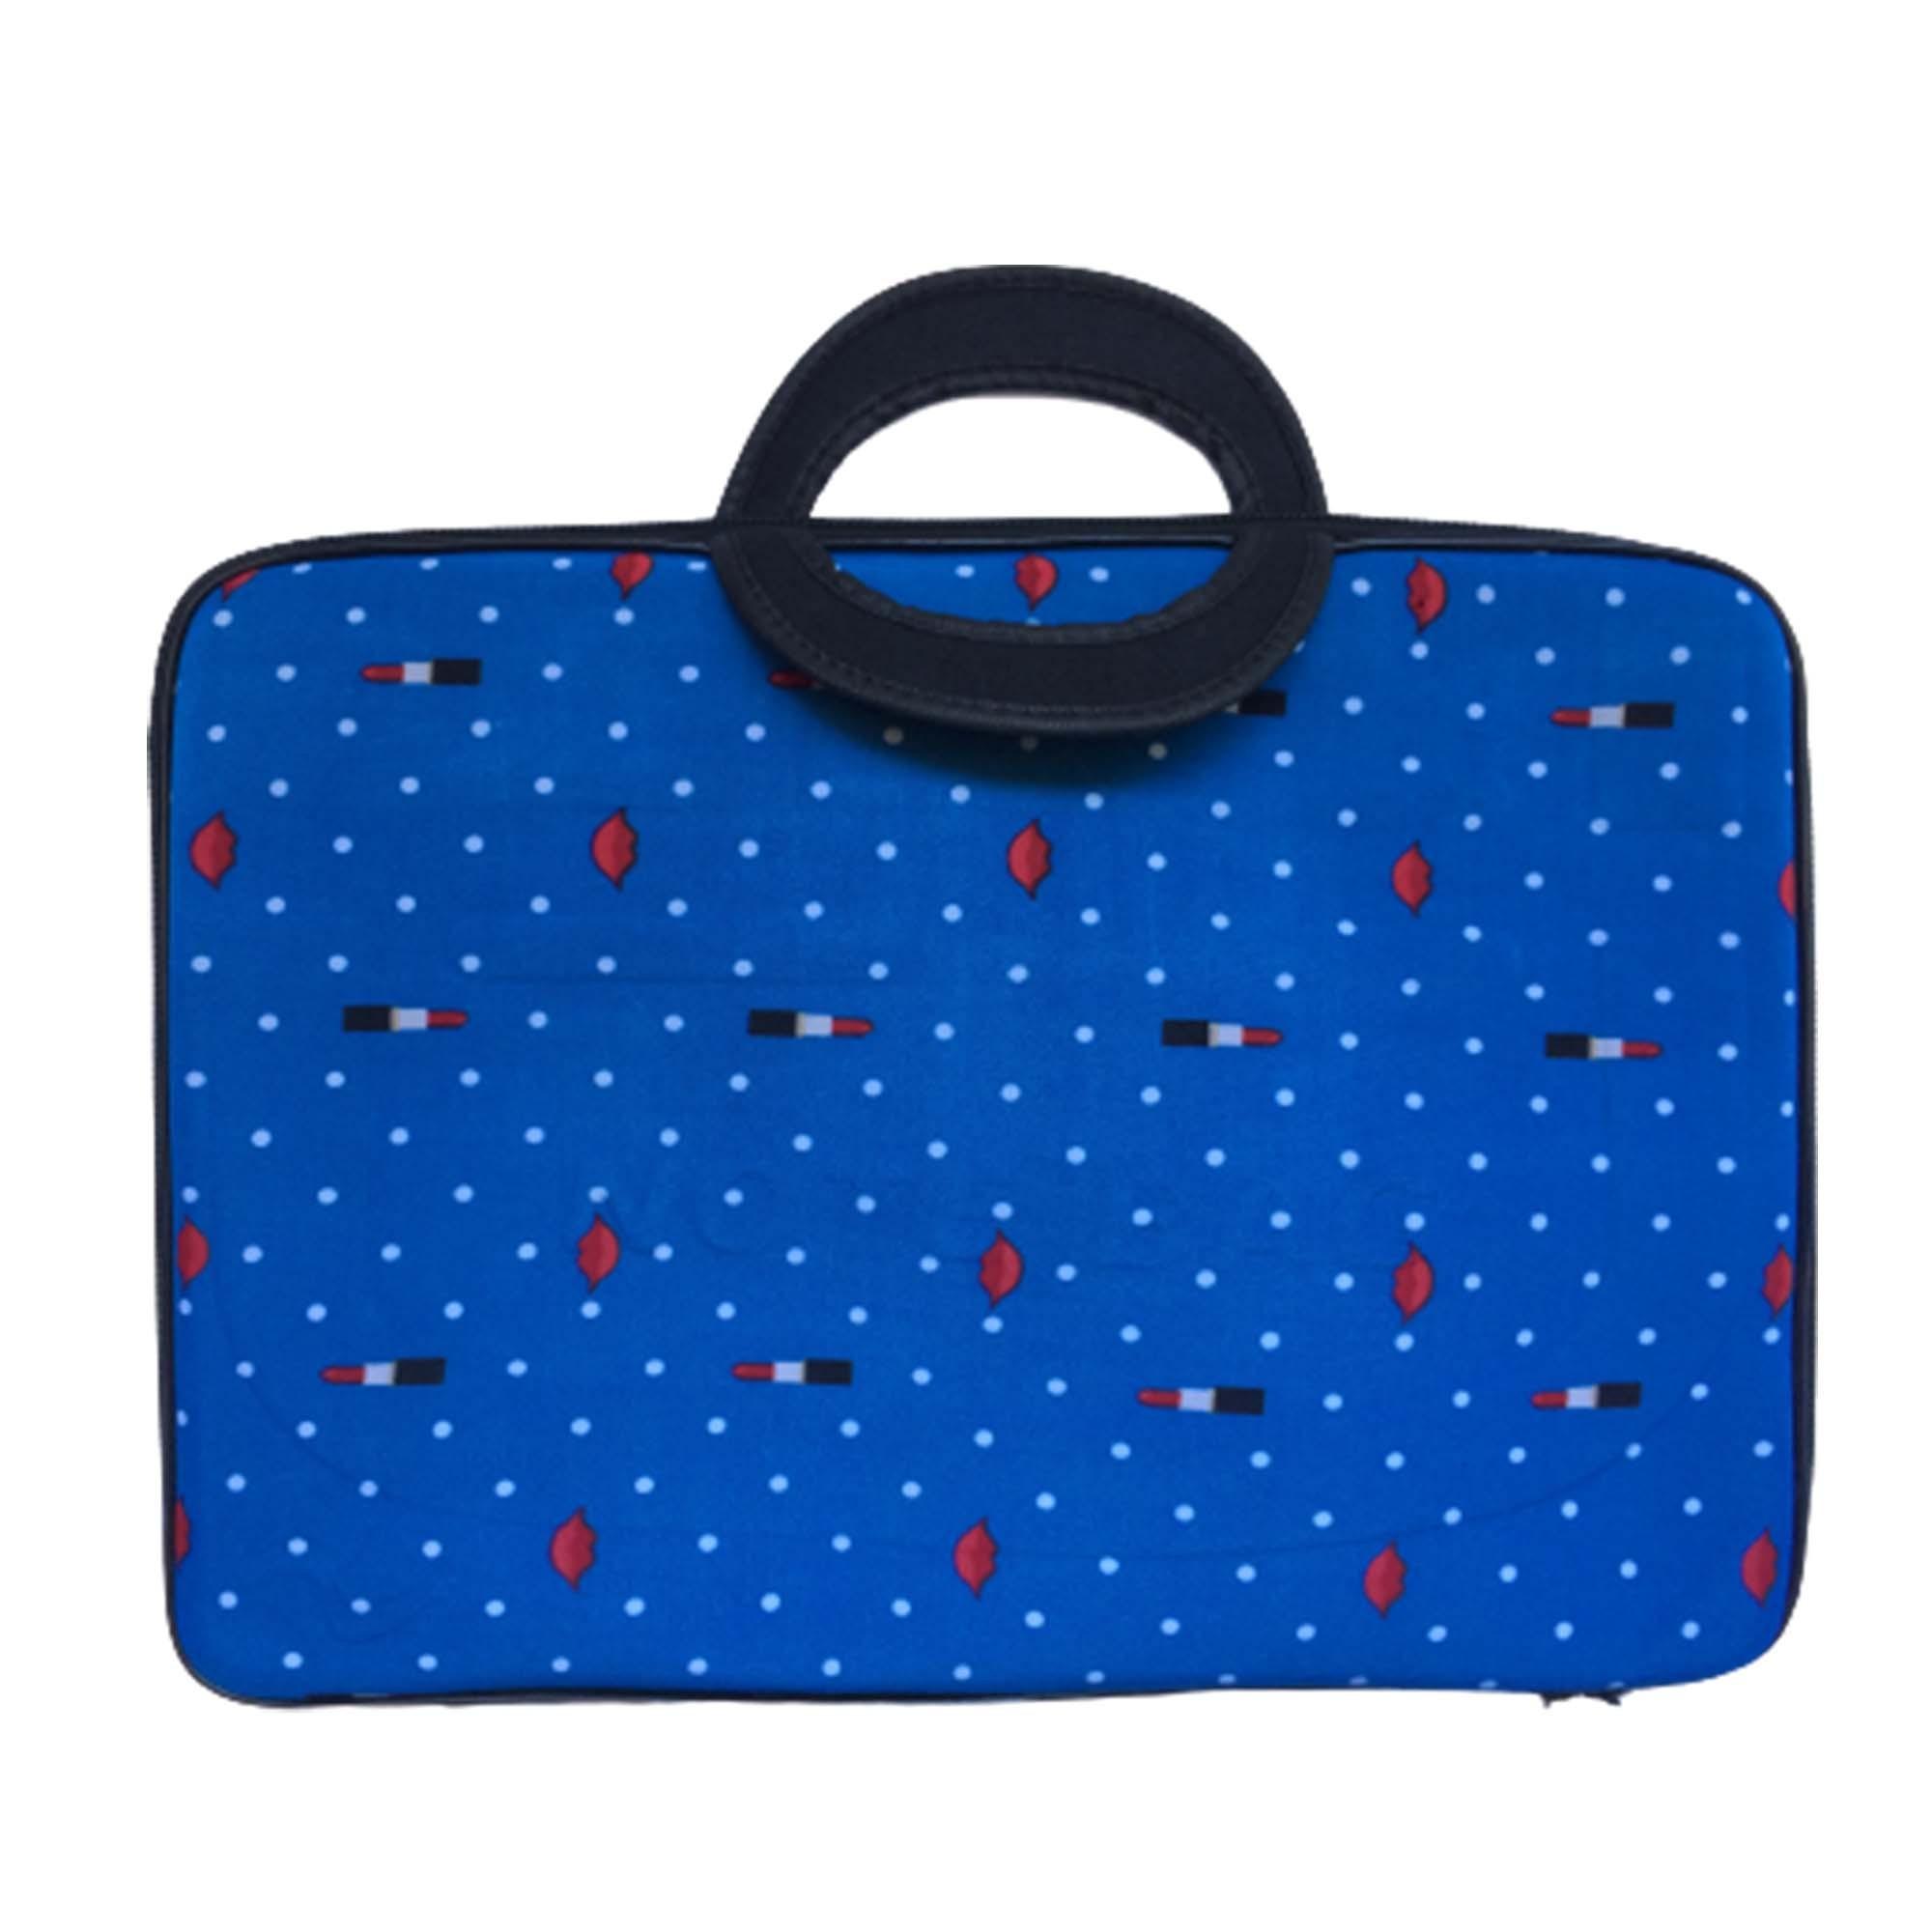 Pasta Maleta Anti-Impacto MZ Slim Case Com Alça e Ziper P/ Notebook 14, 15, 15,6 Pol. - Azul com Bolinhas Brancas Batom e Boca vermelha